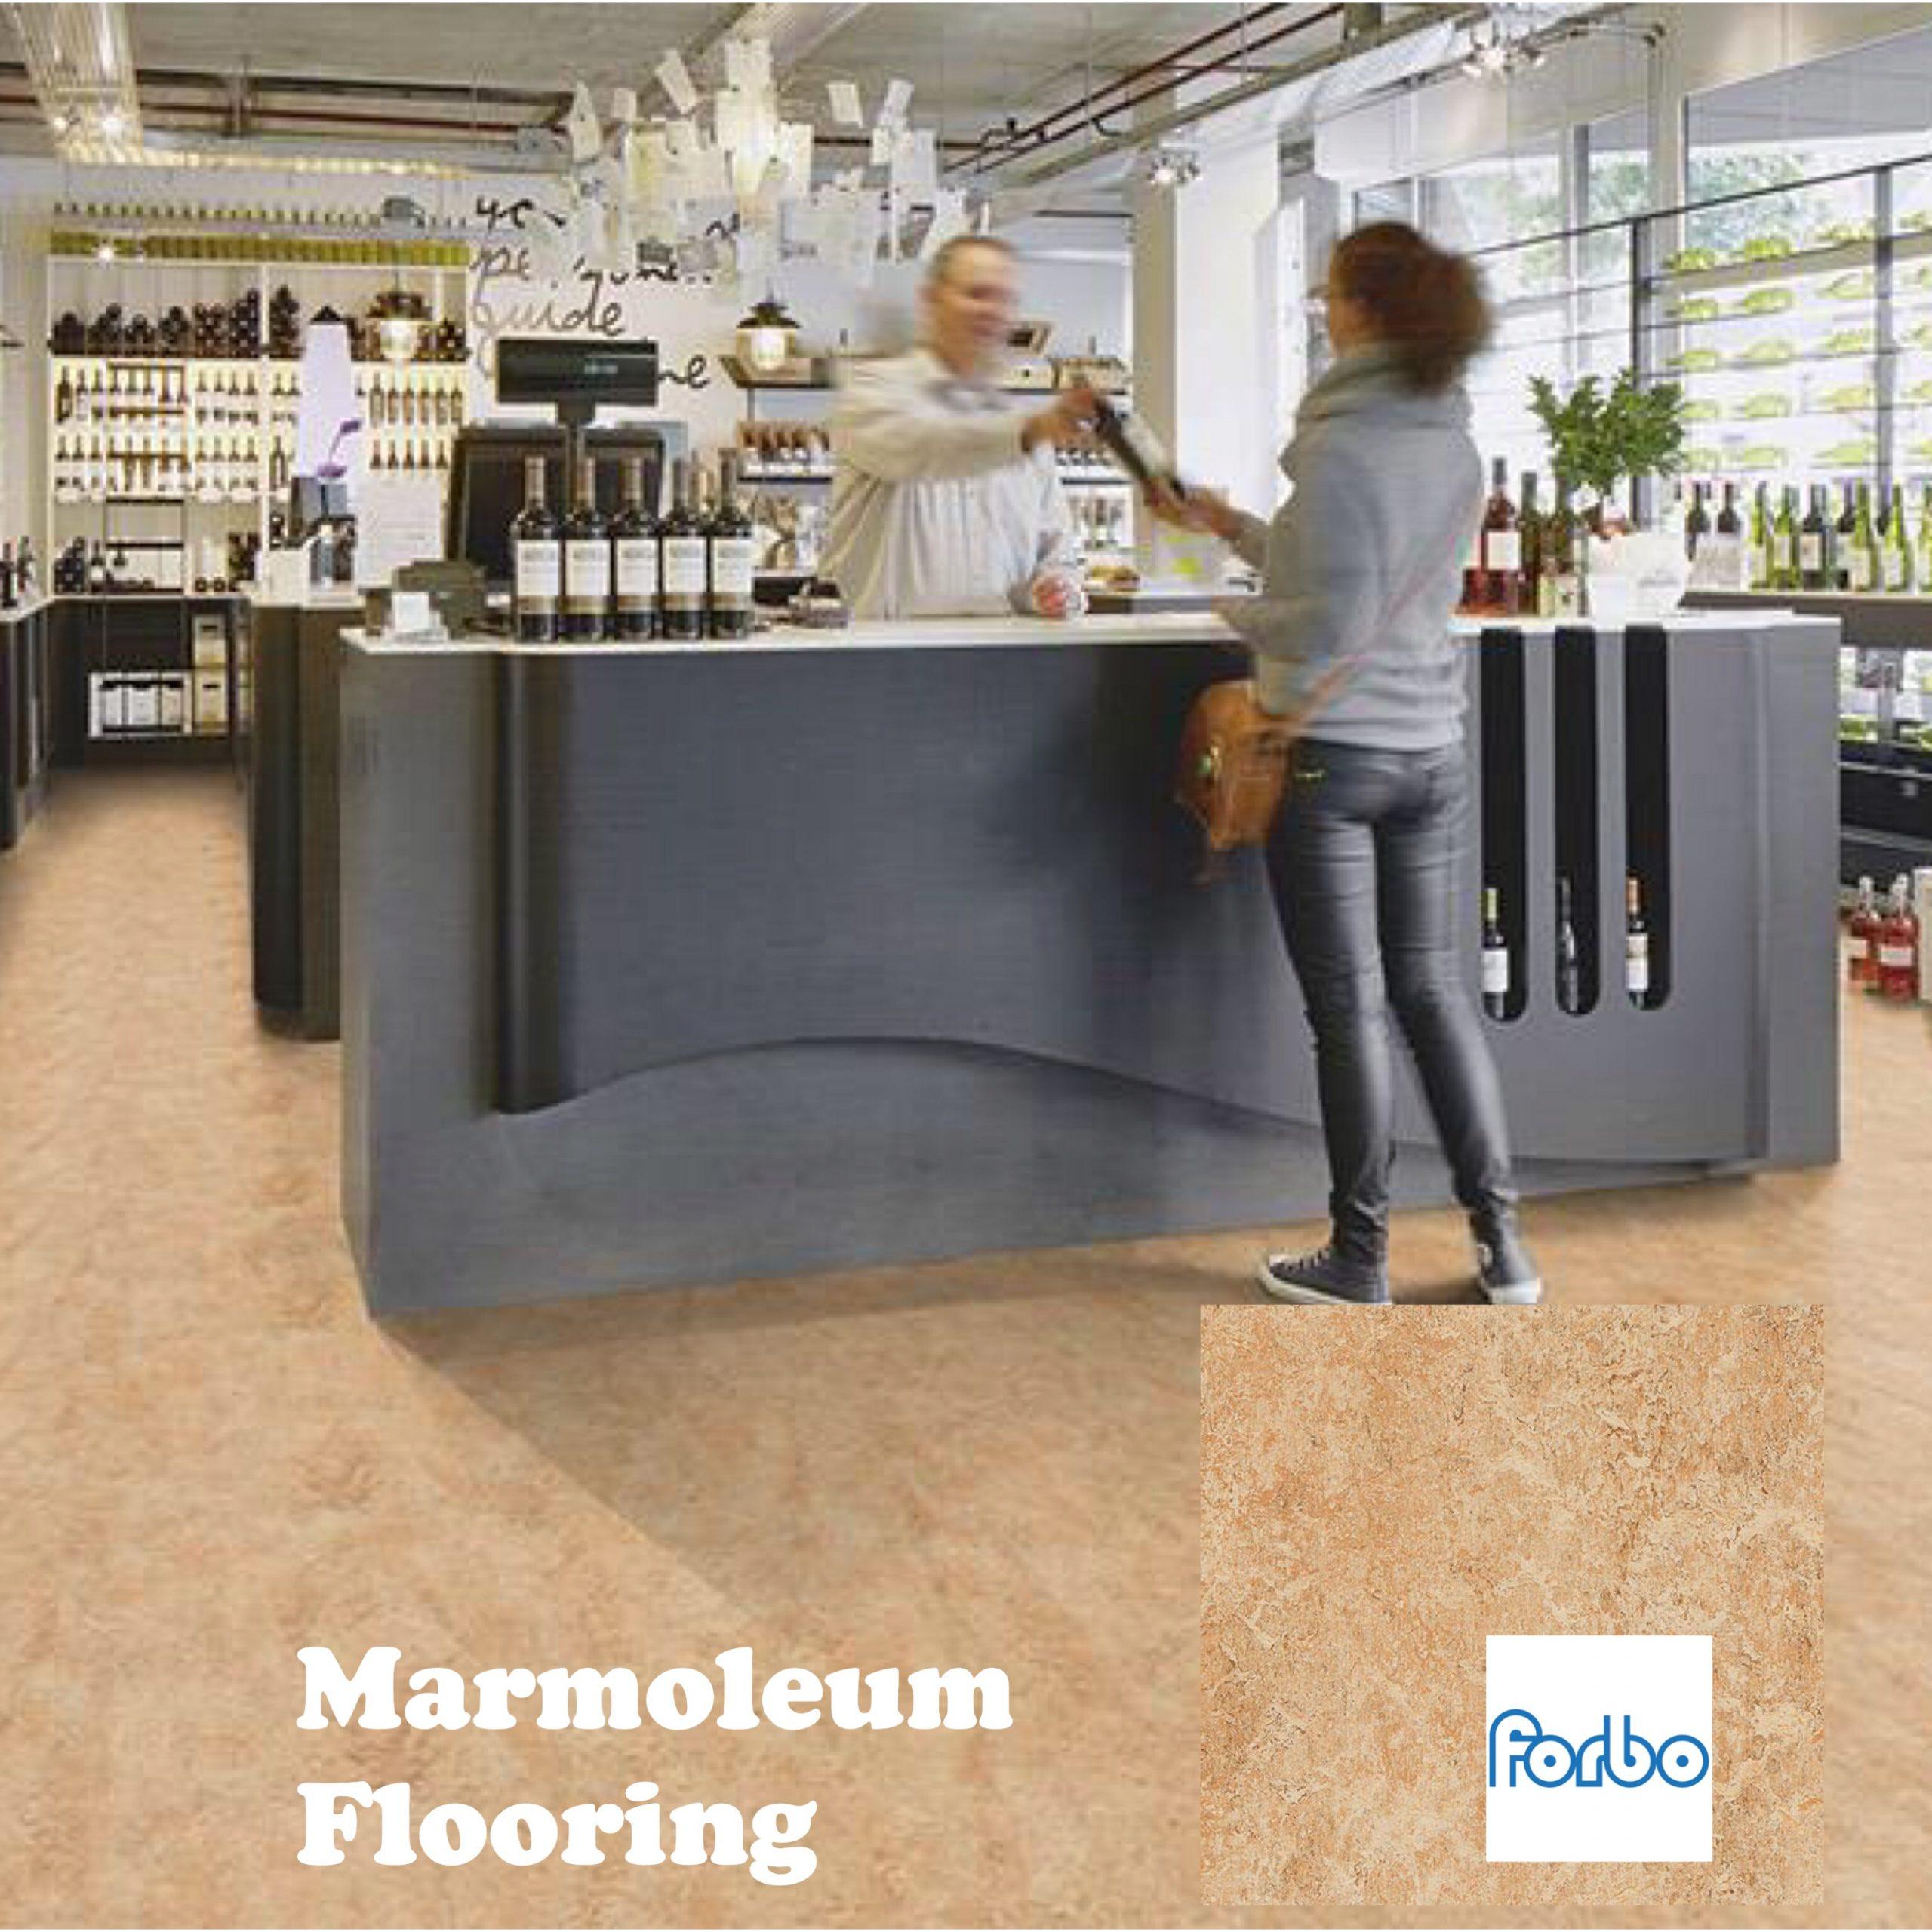 Marmoleum flooring Kes. 2,500.00 per Square Meter